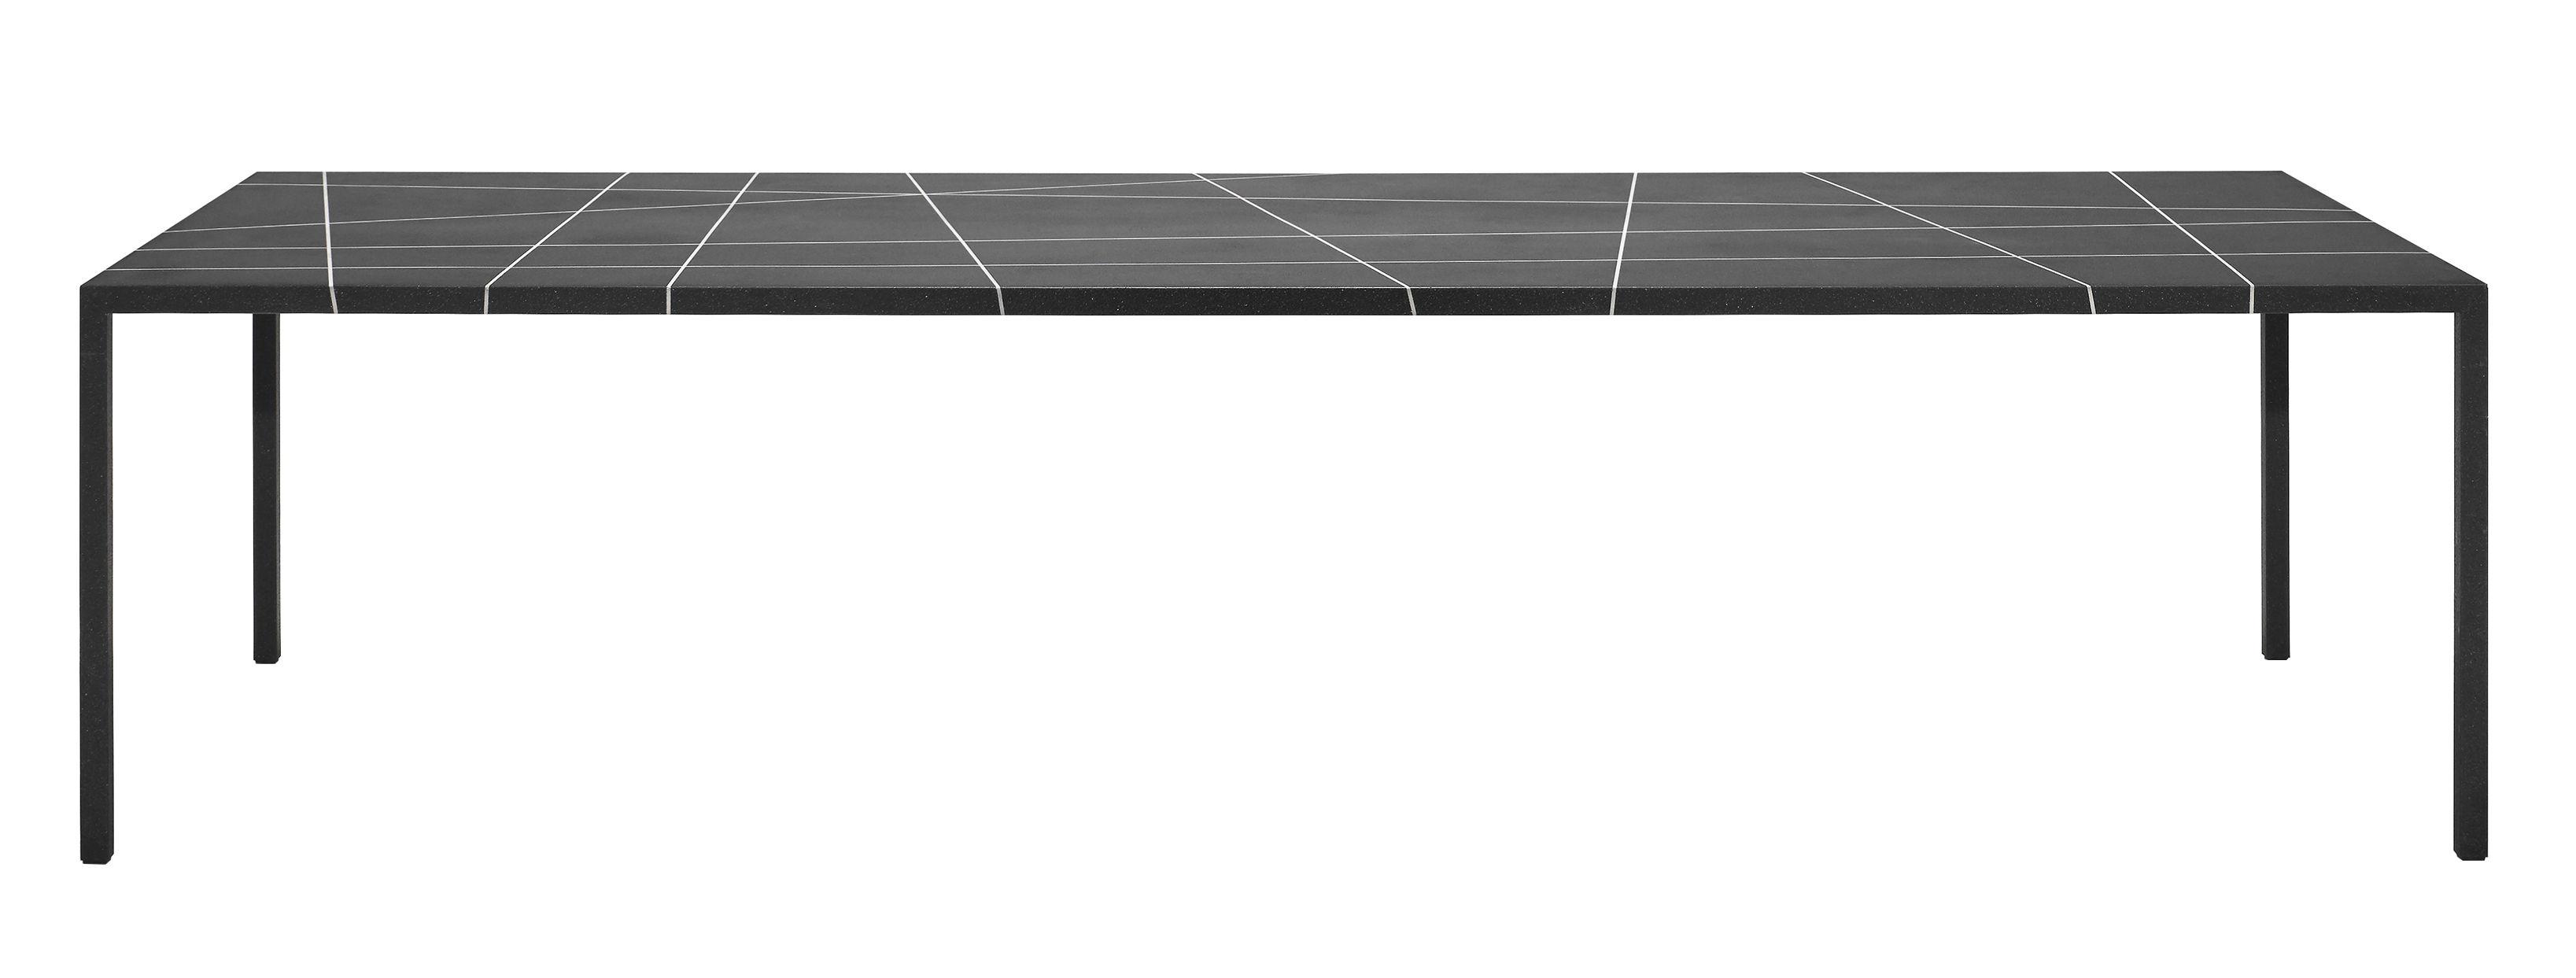 Arredamento - Tavoli - Tavolo rettangolare Tense Material - / 90 x 220 cm - Marmo di MDF Italia - Marmo nero / Linee bianche - Acciaio, Marbre reconstitué, Pannello composito